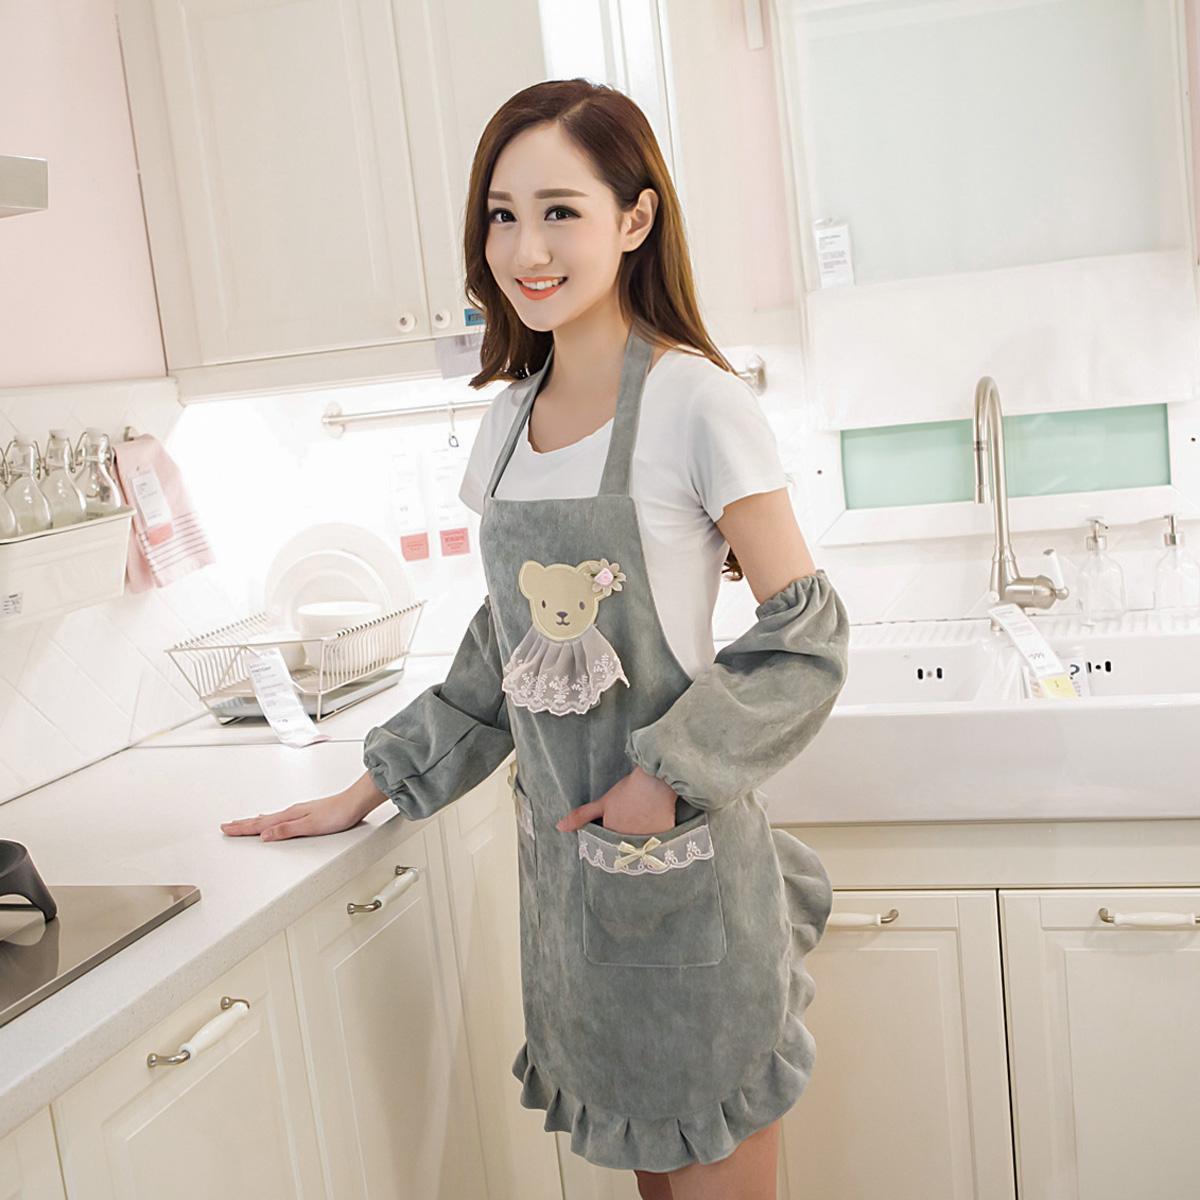 韩版荷叶边可爱公主印字定制LOGO美甲围裙工作服时尚纯棉母婴店红